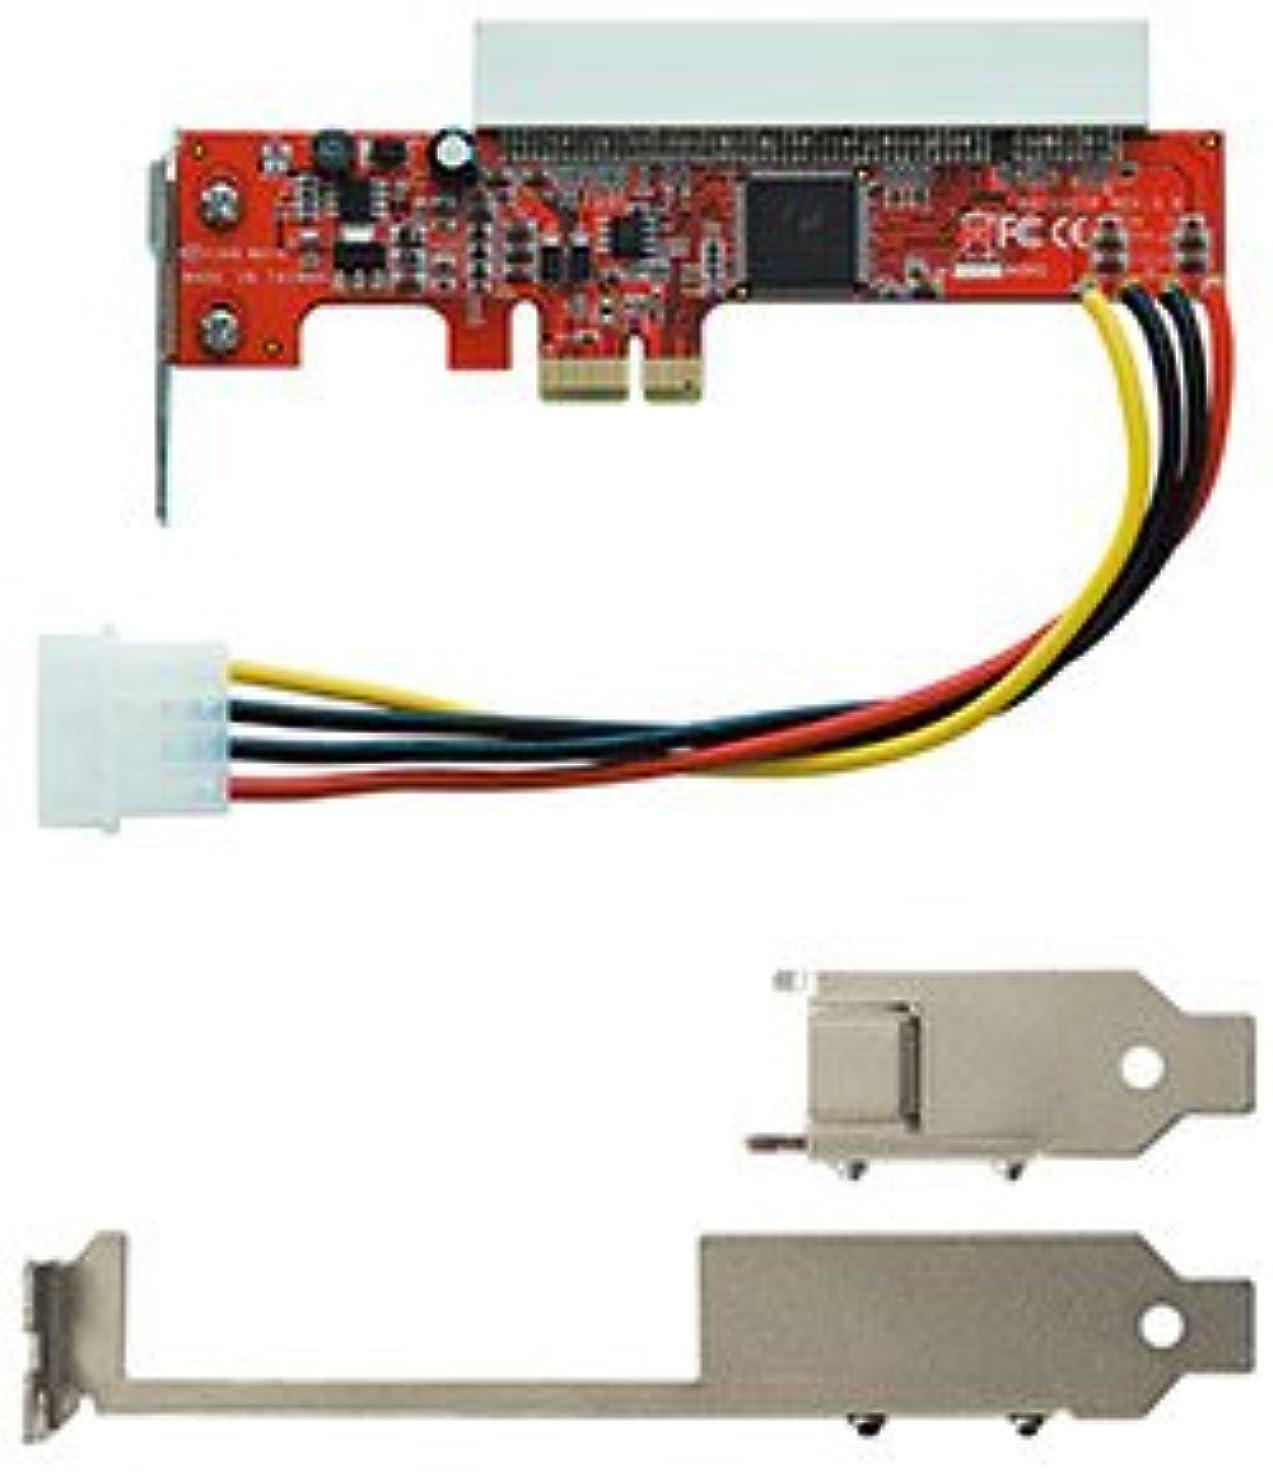 歩き回るしみ資源[LINKUP] PCI Express ケーブル PCIE 3.0 [将来の4.0対応] ライザー 延長 cable x16 超高速 64GB/s Twin-axial シールド | 90度ソケット [30 cm]